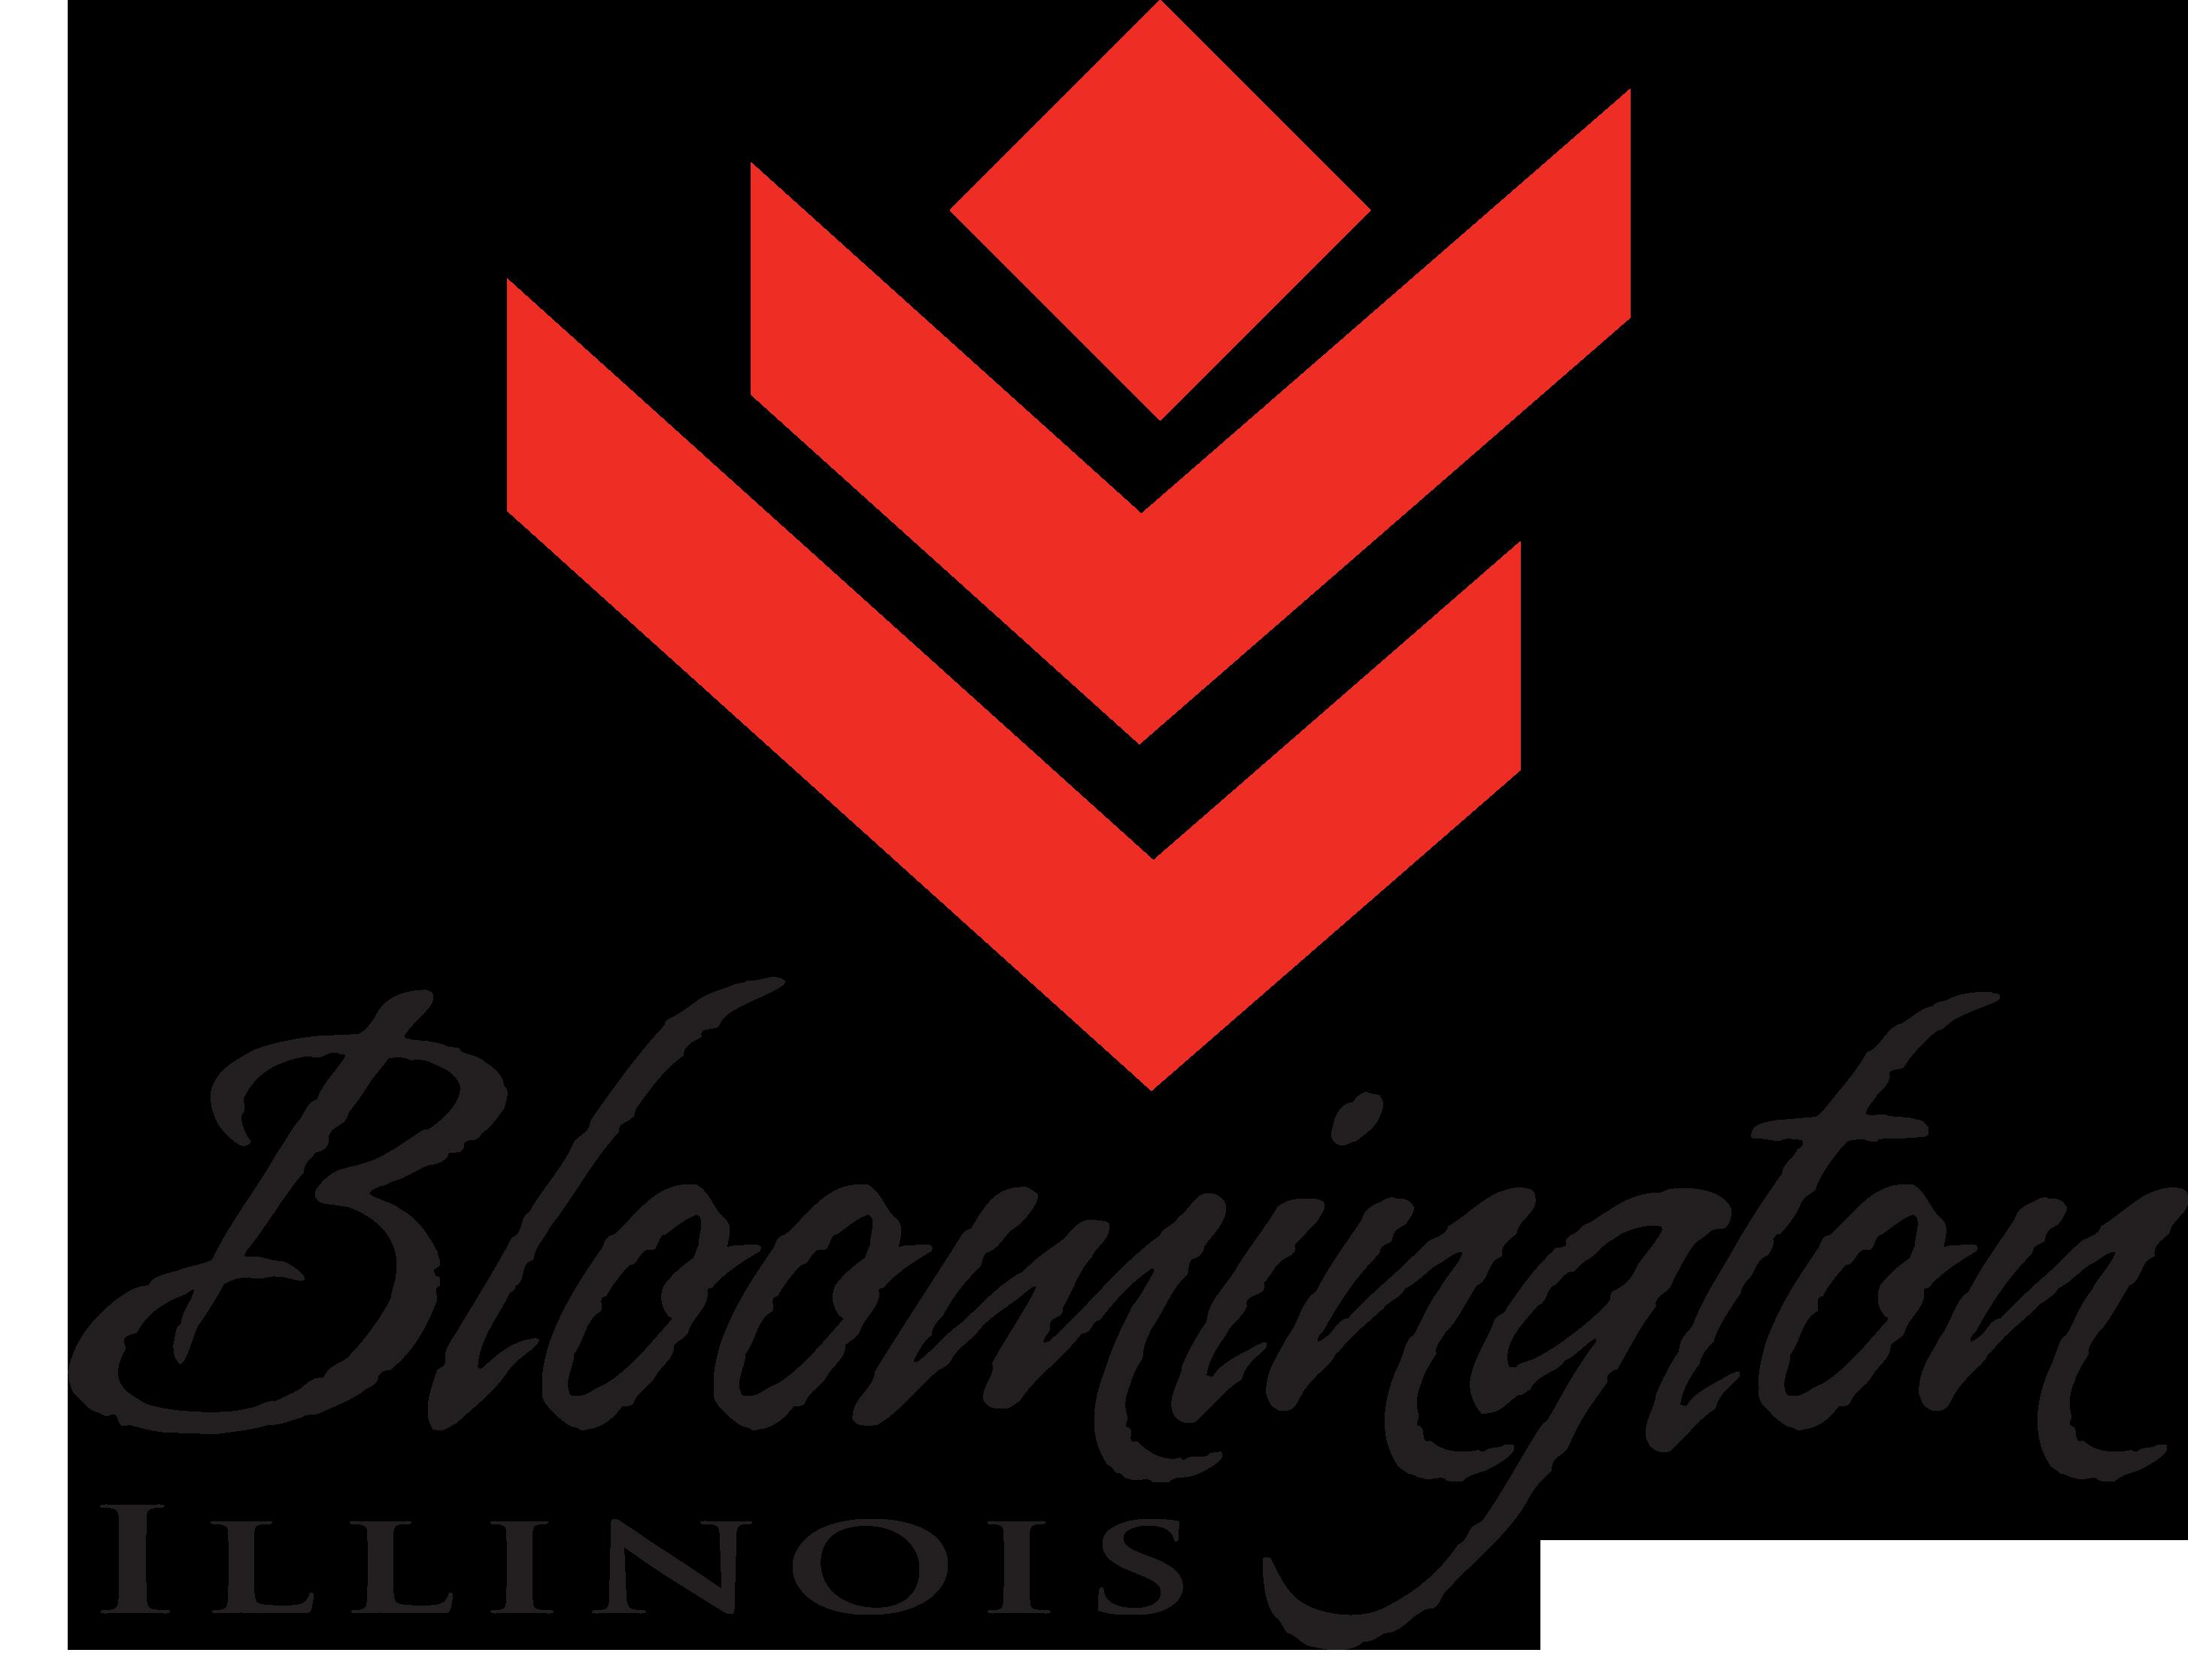 City of Bloomington, Illinois